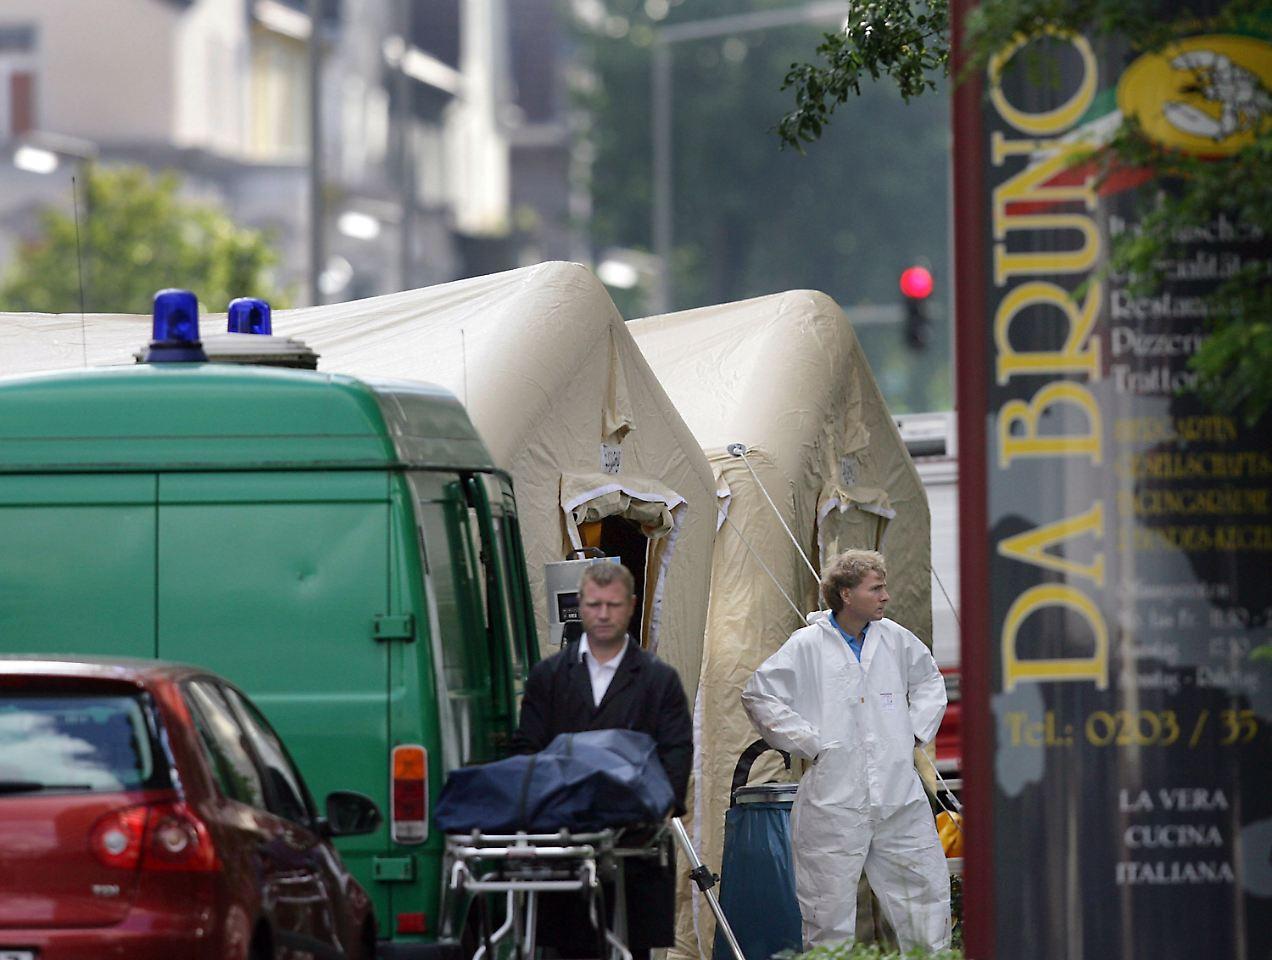 Mafiamorde von Duisburg: Gericht spricht Ndrangheta